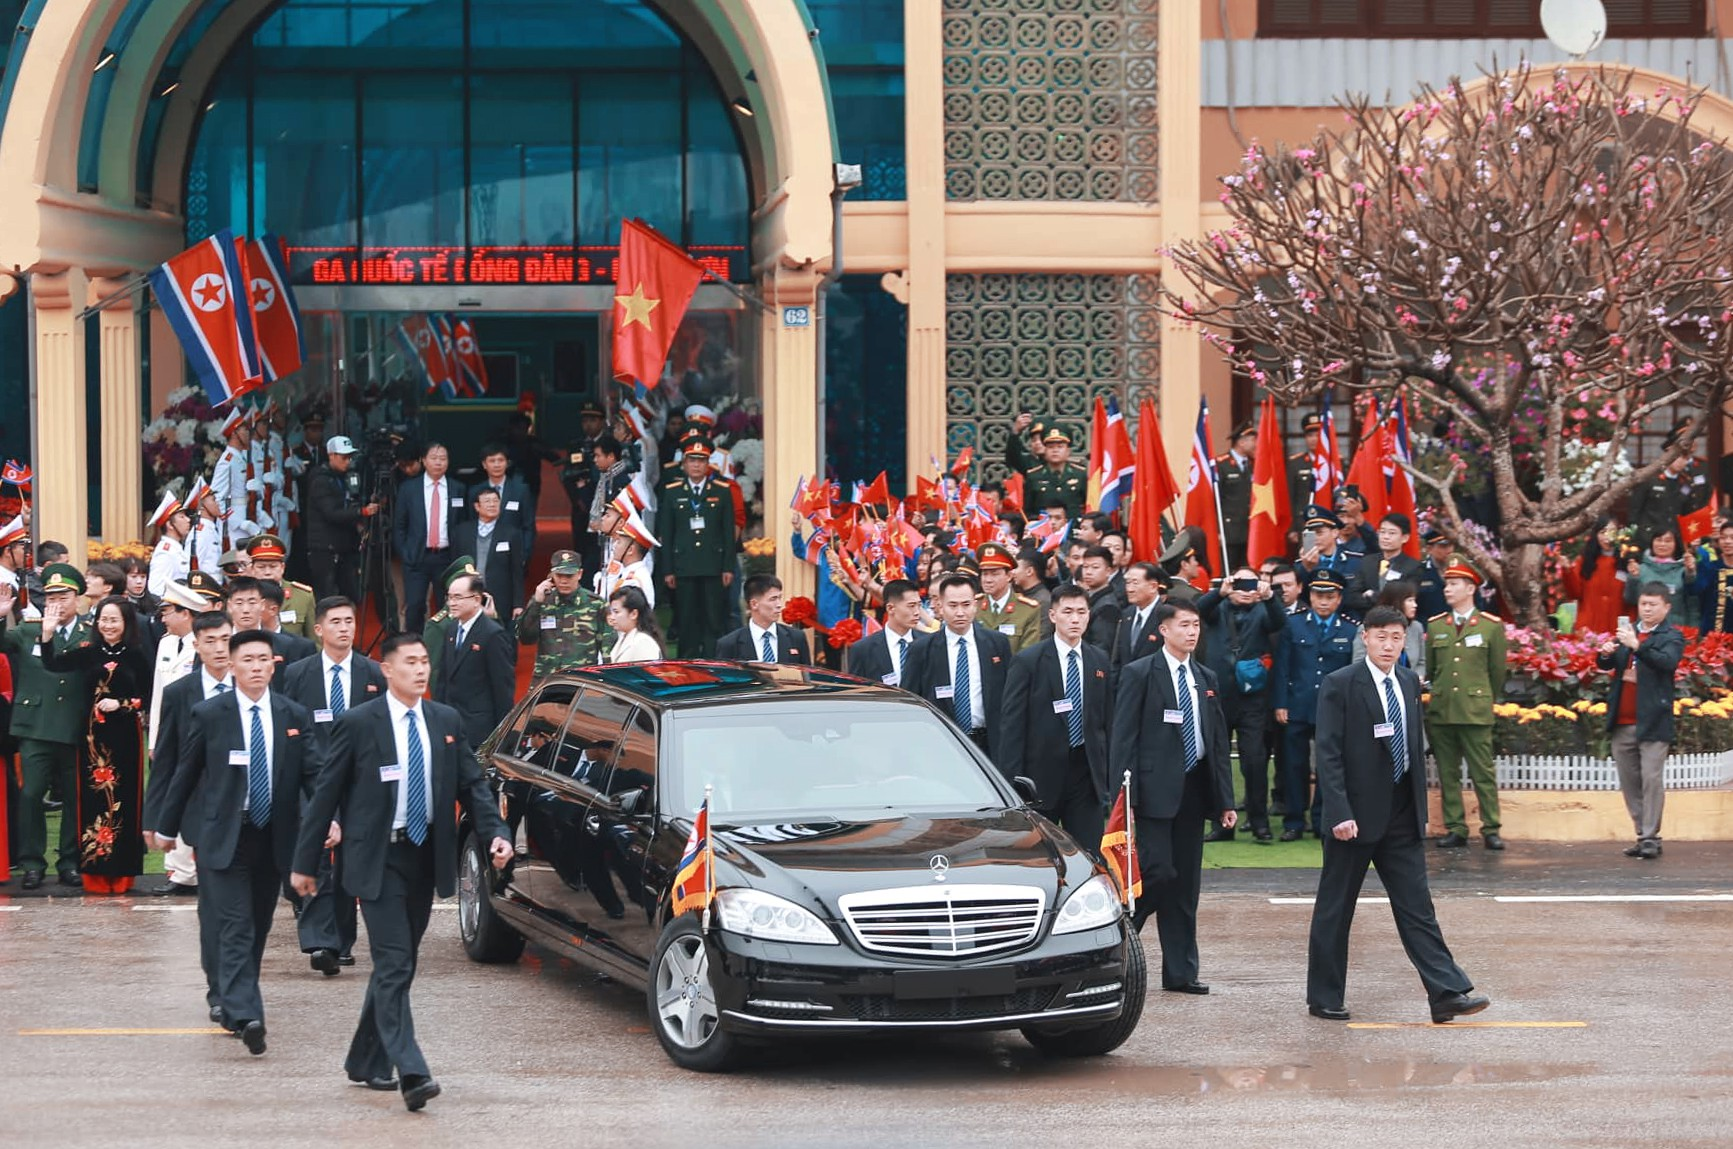 [PHOTO ESSAY] Những khoảnh khắc lịch sử trong chuyến công du Việt Nam đầu tiên của Chủ tịch Kim Jong-un - Ảnh 6.